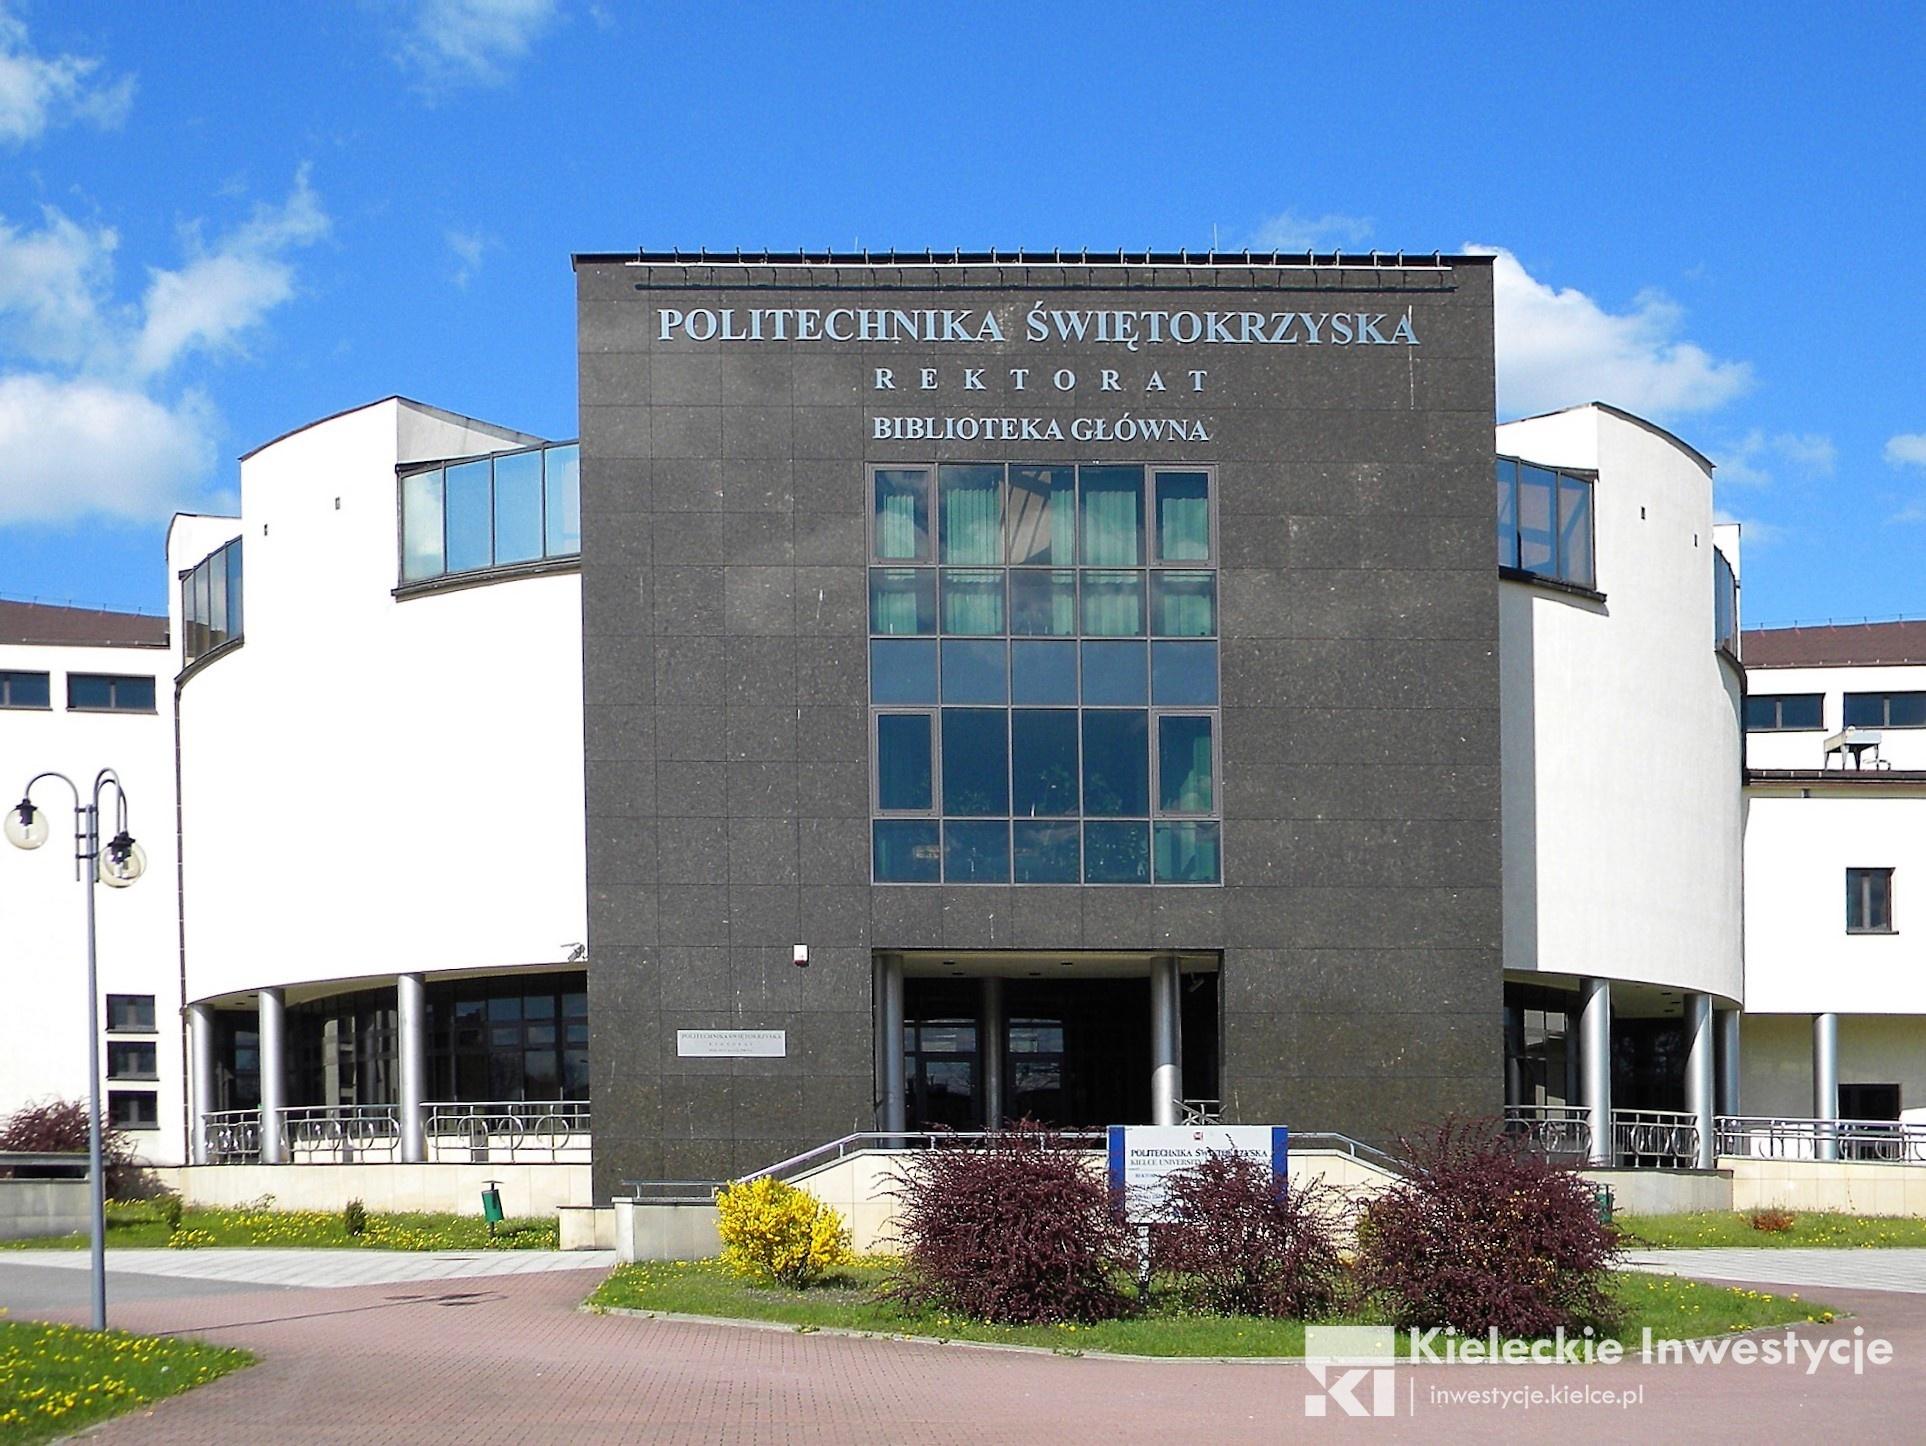 Biblioteka G Wna Politechniki Wi Tokrzyskiej Kieleckie